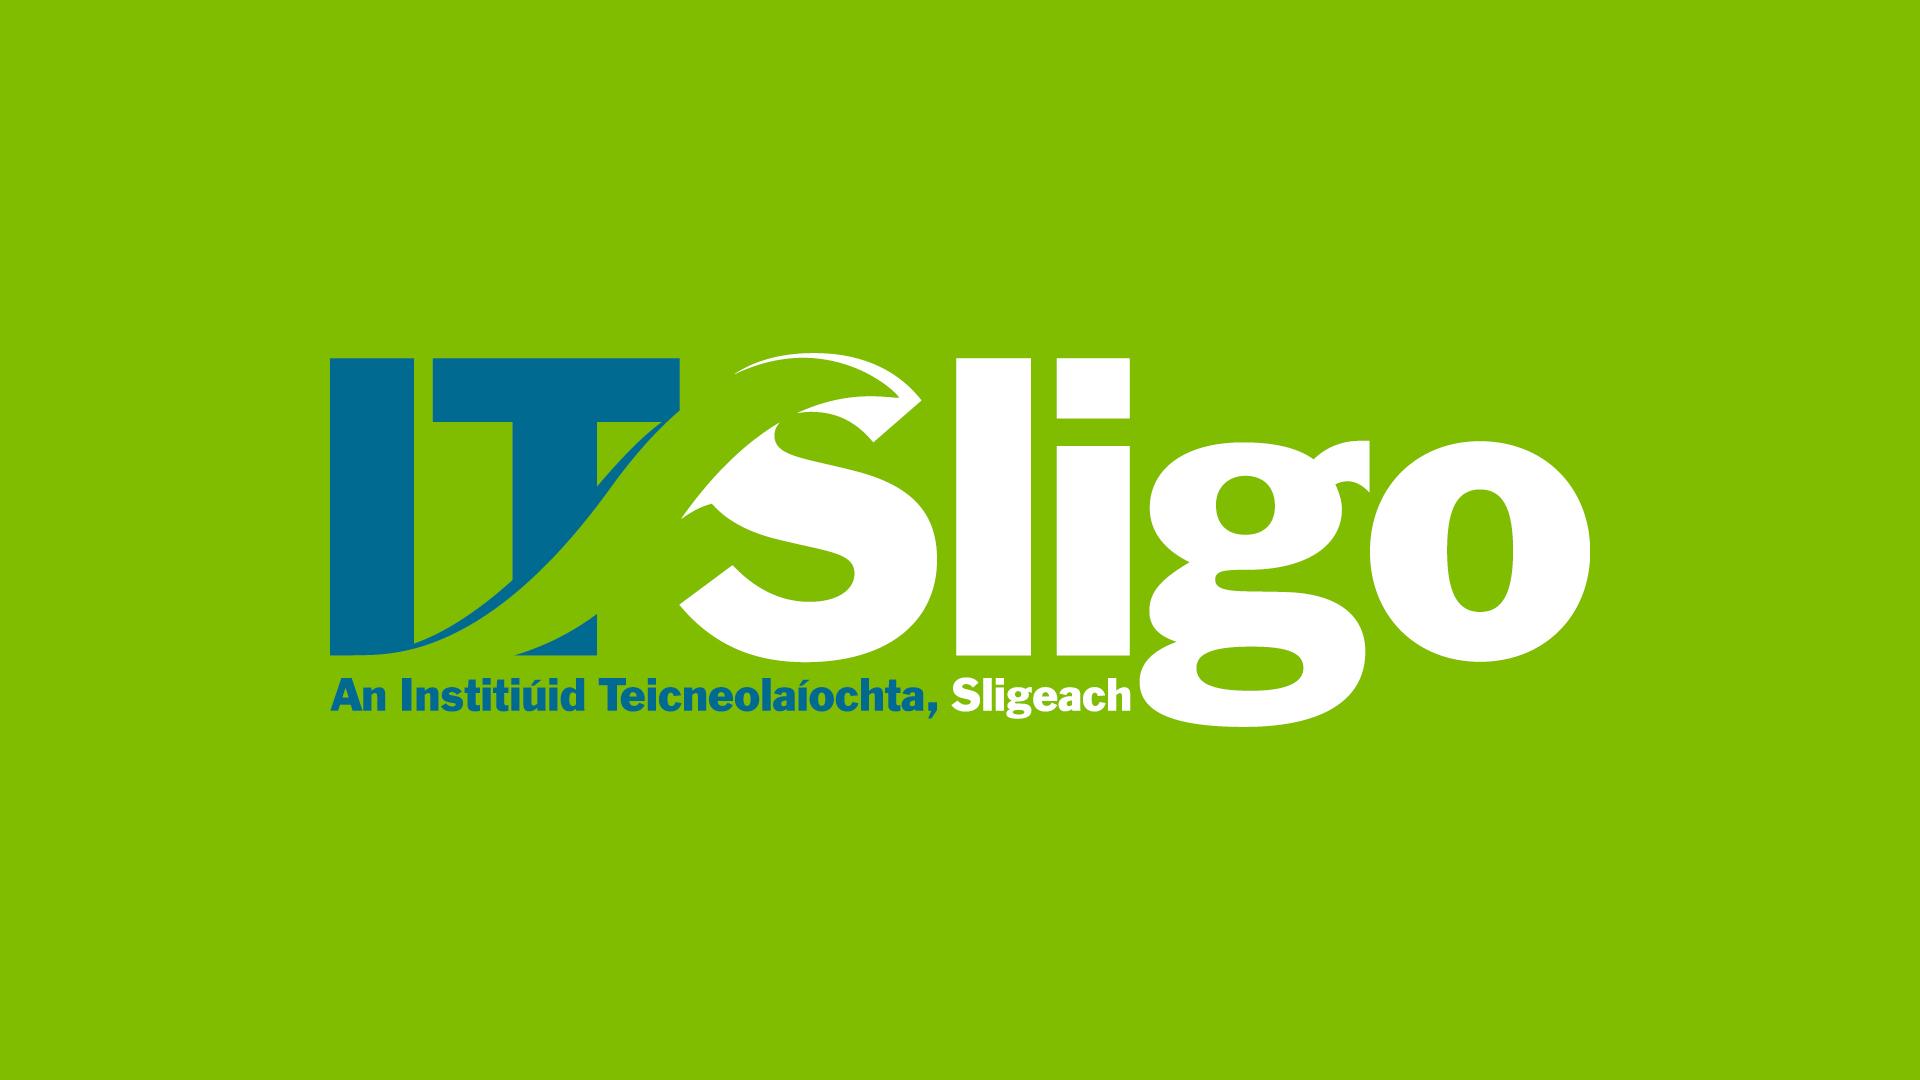 IT Sligo Branding